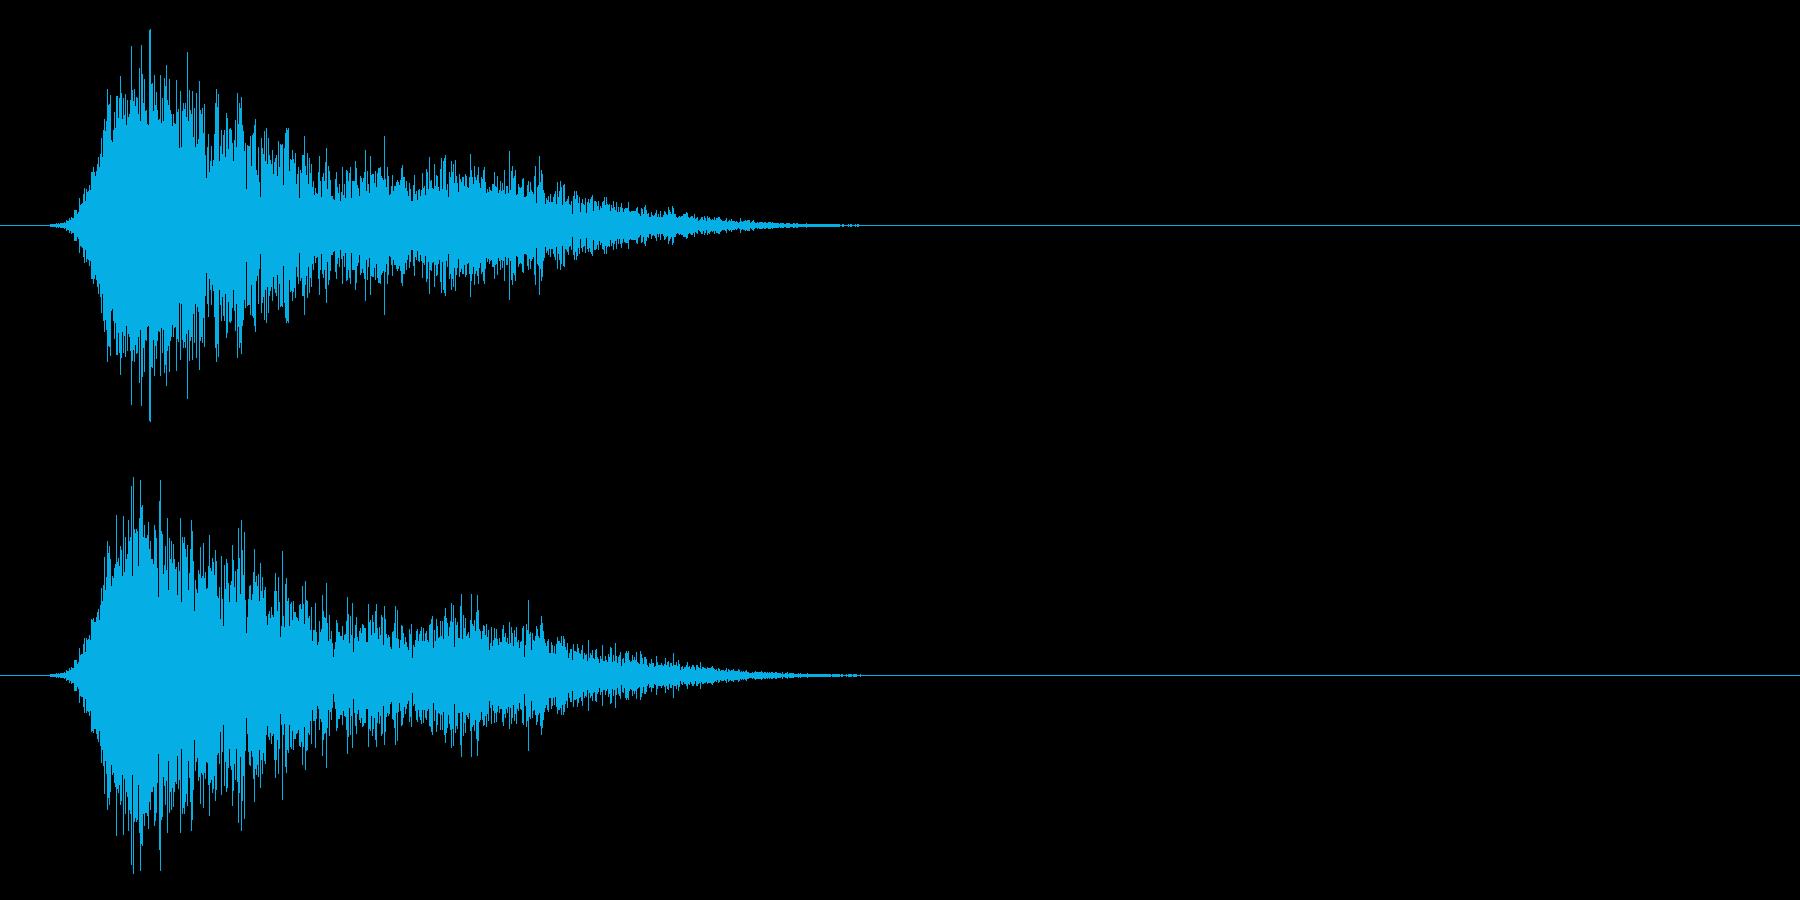 コミカルなダッシュ!ジャンプ効果音!7bの再生済みの波形